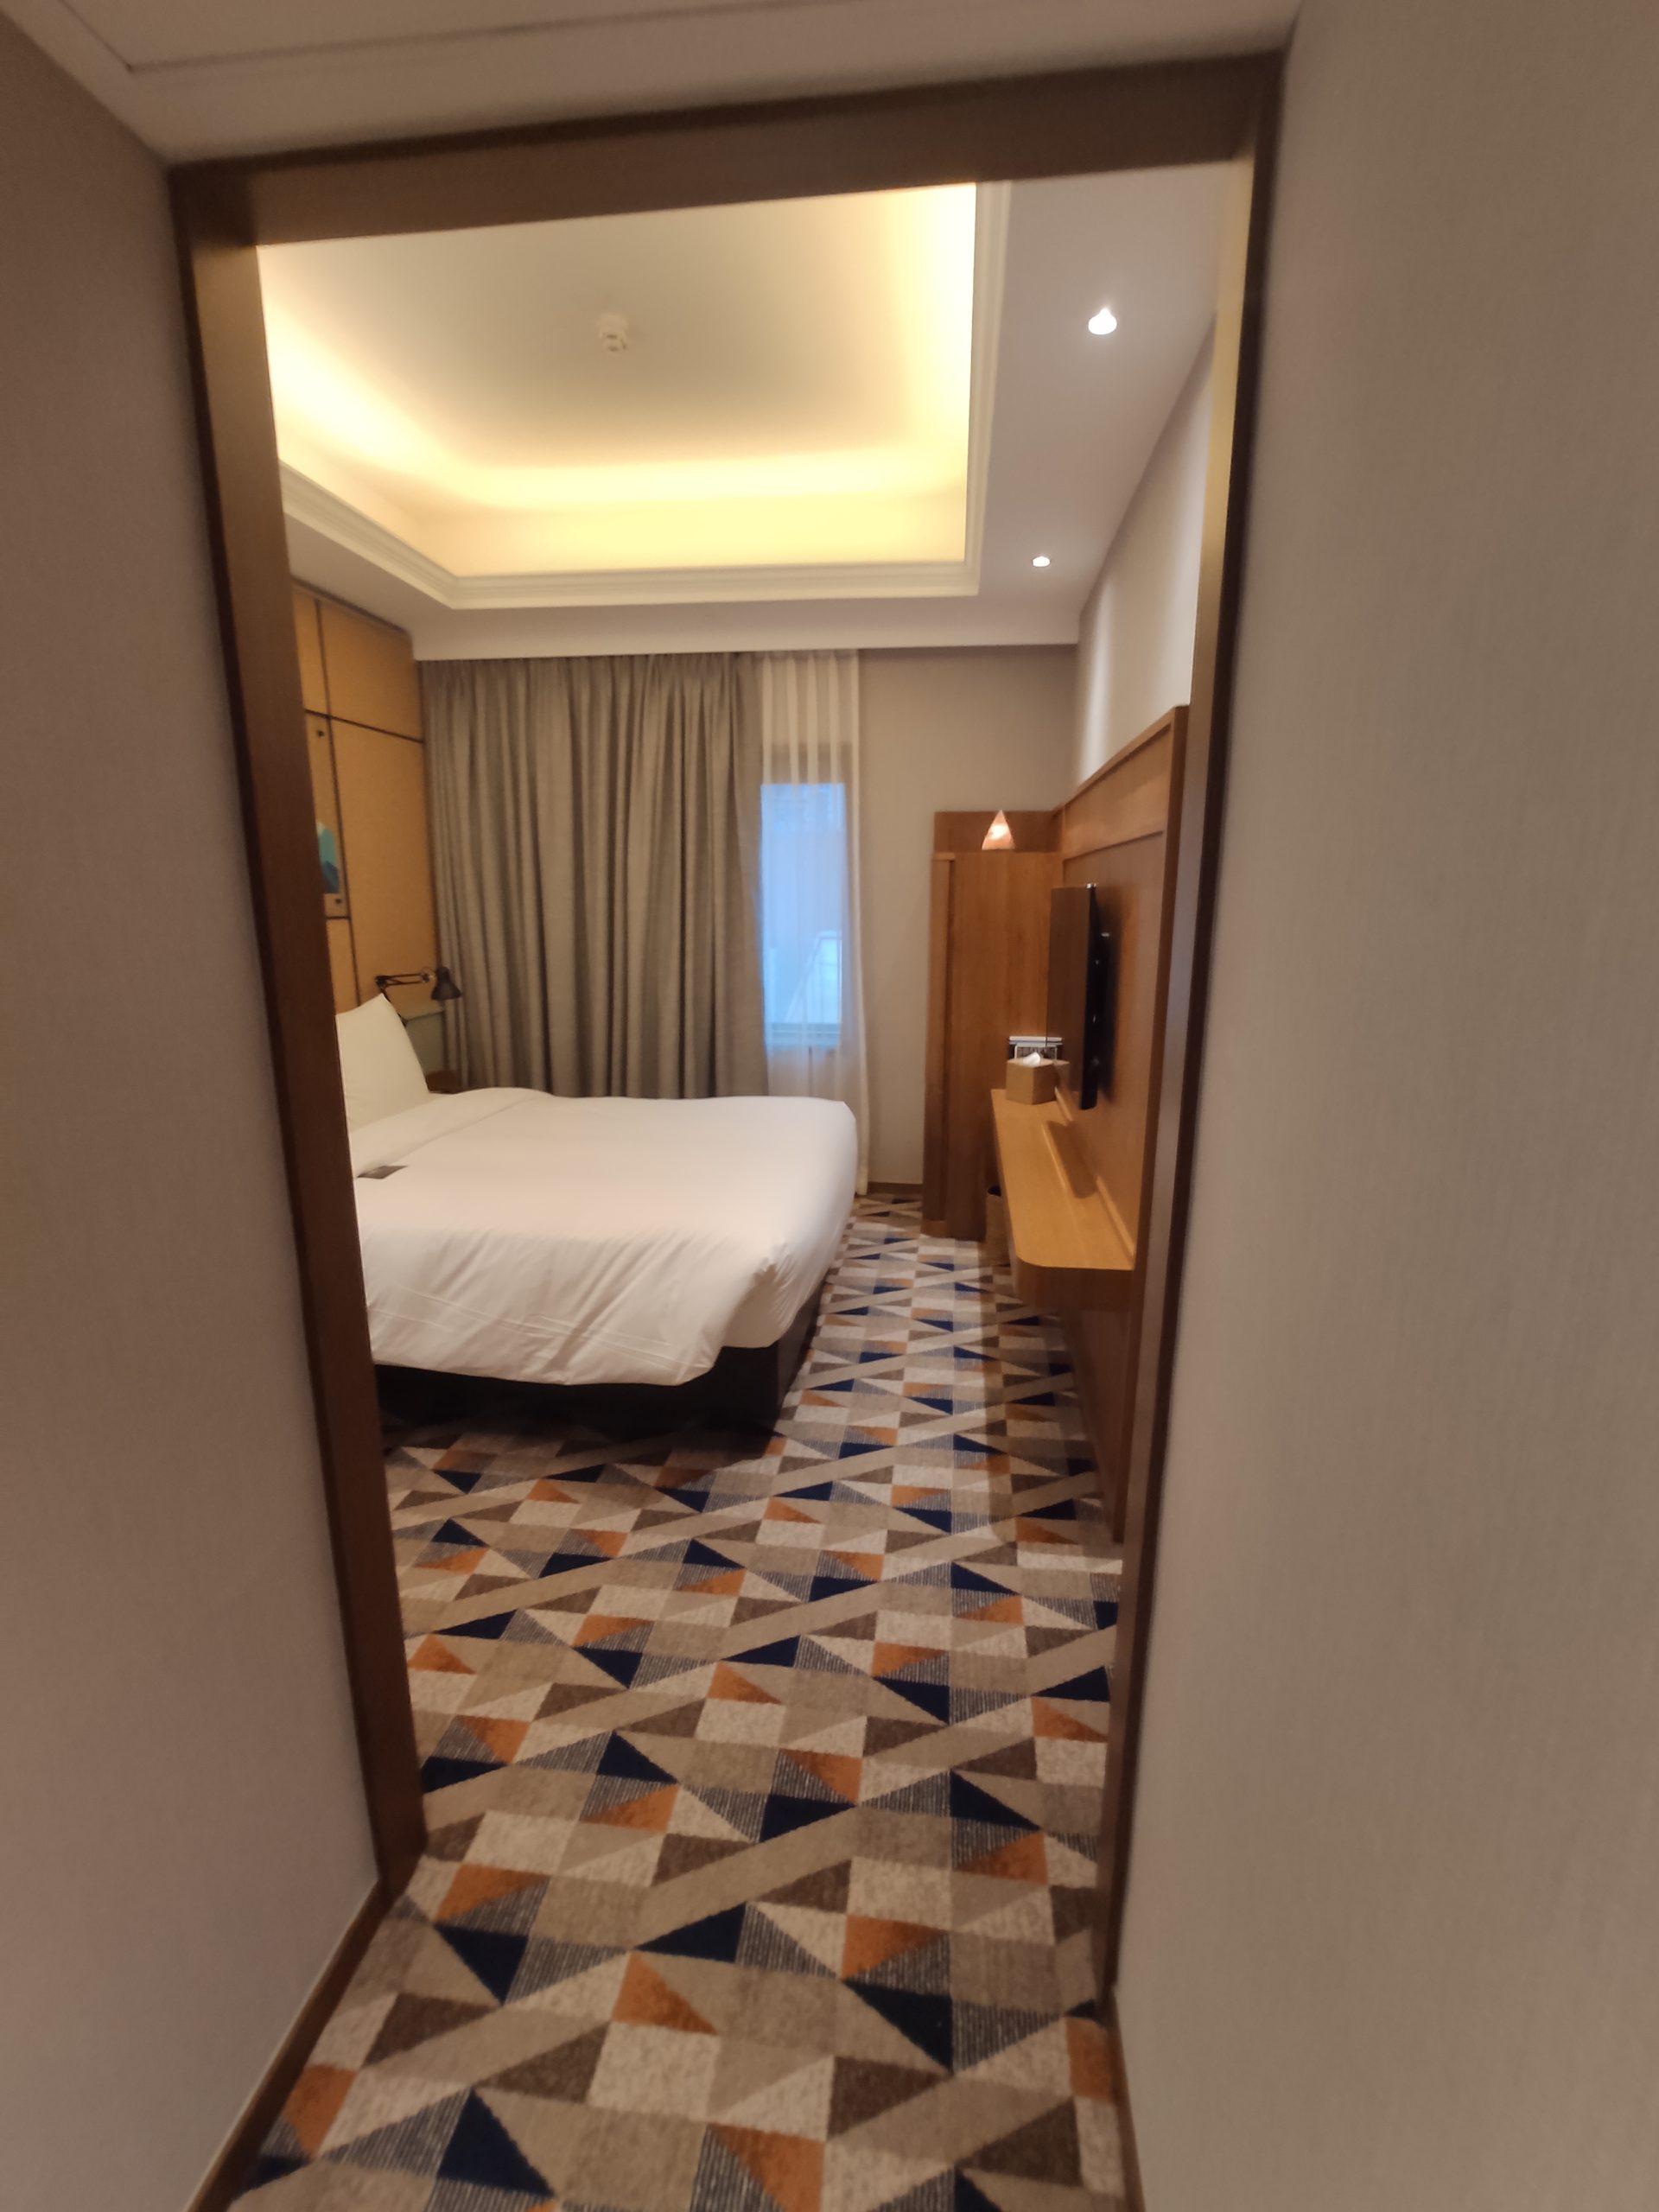 Eaton HK: Eaton Room Entrance